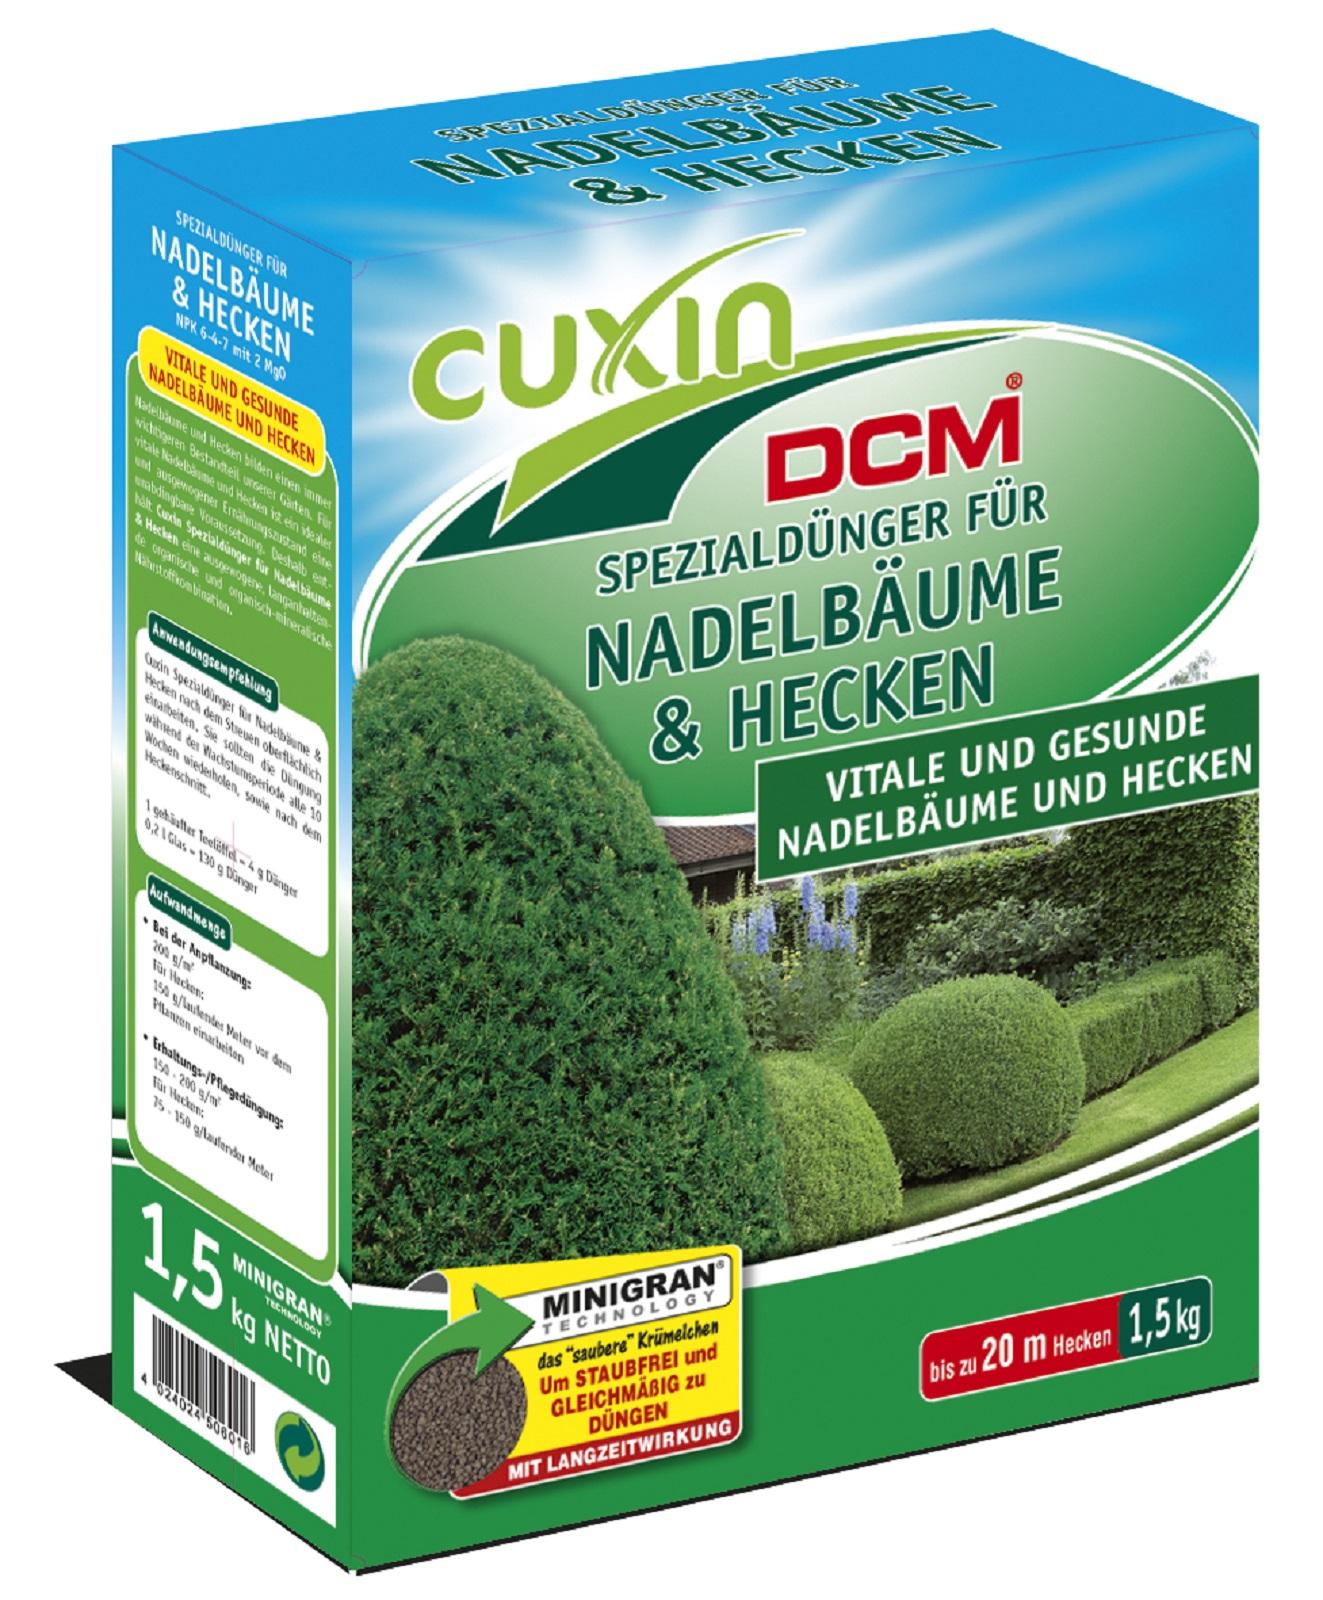 Cuxin f. Nadelbäume u. Hecken,1,5 kg, Dünger,organisch-mineralisch NPK Dünger